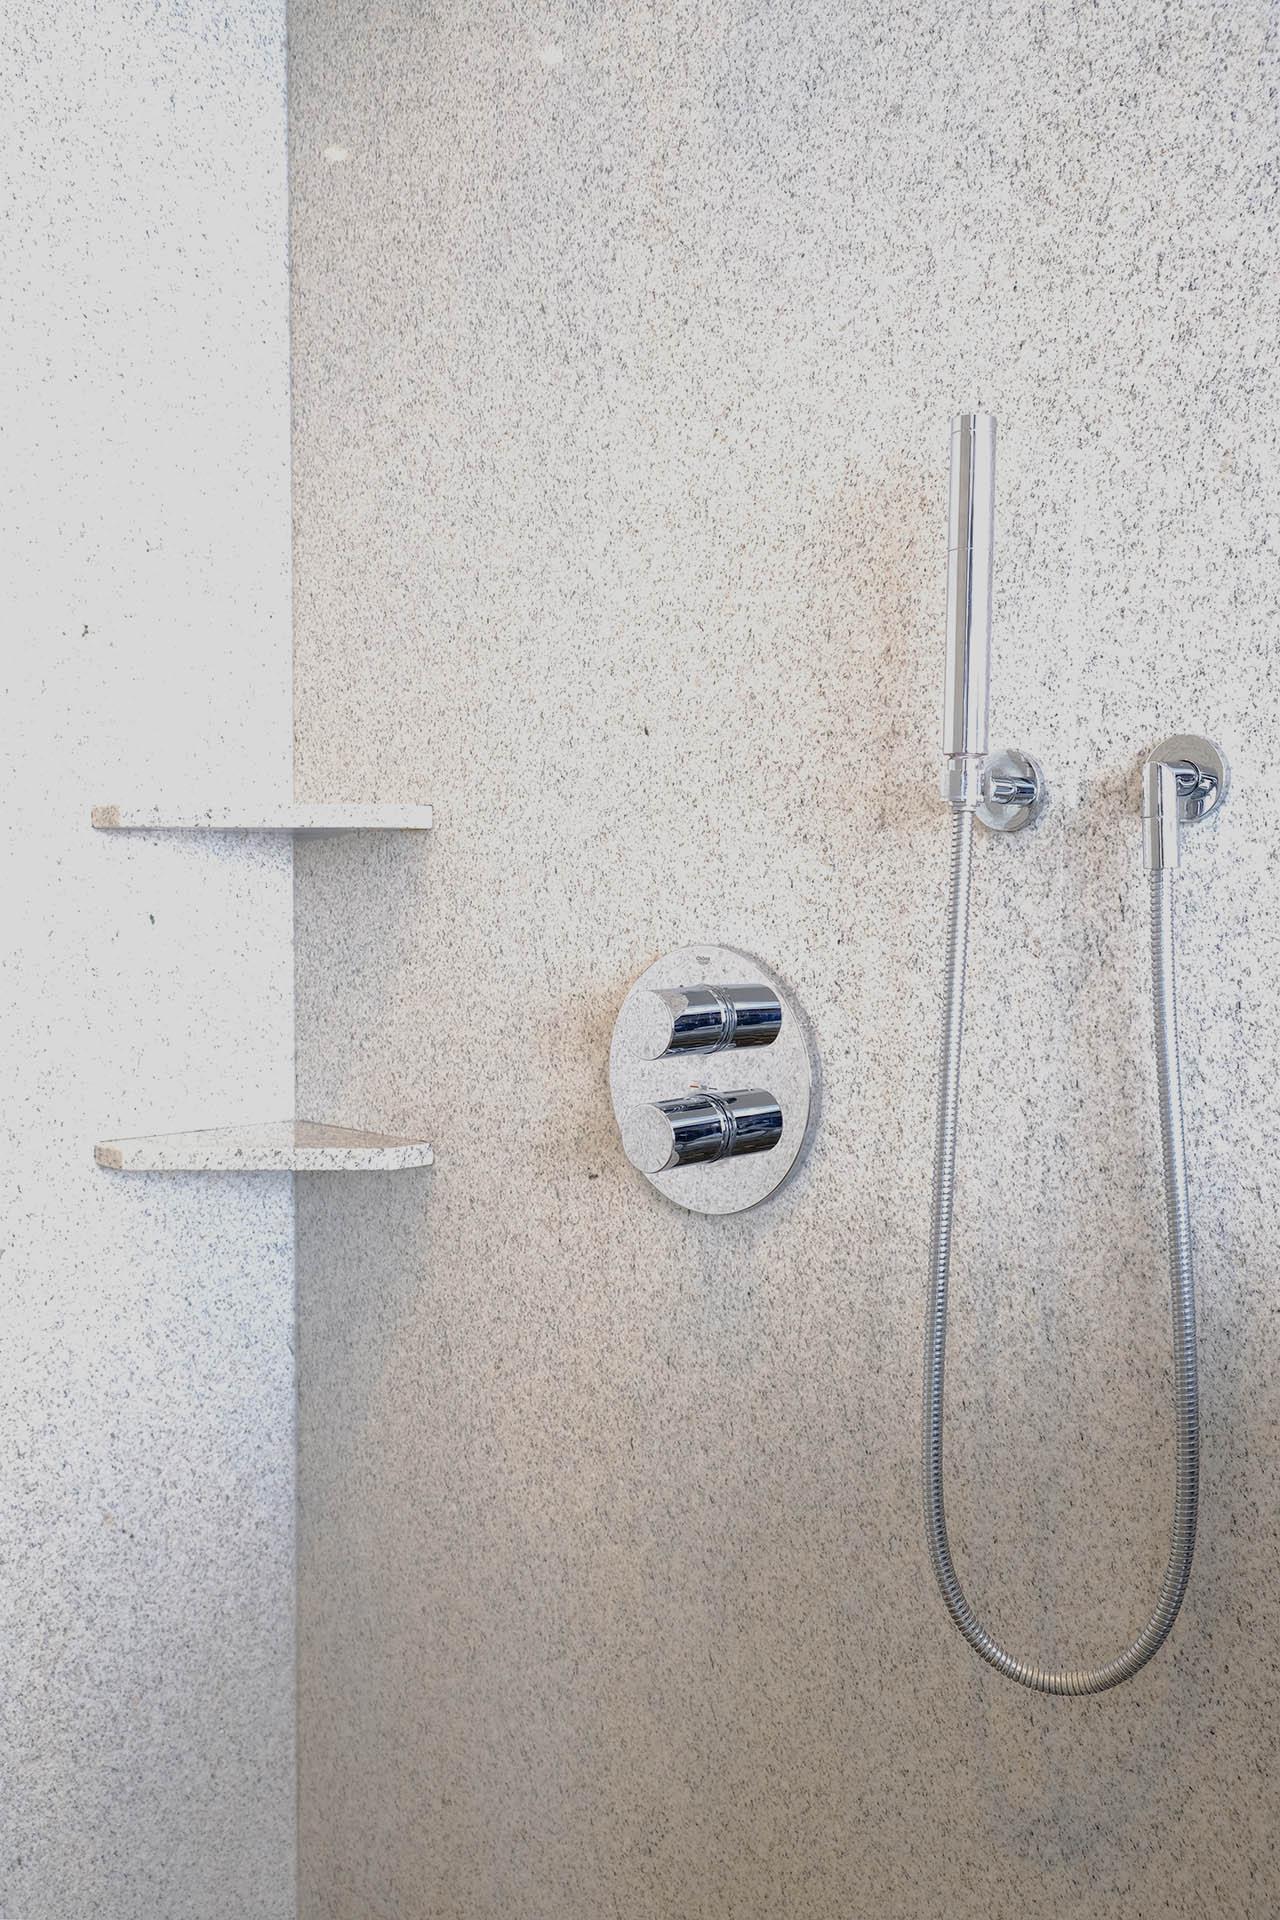 dusche_detail_marmor_radermacher_nero_marinace_imperial_white_badezimmer_salle_de_bain_douche_dusche_waschtisch_lavabo_b